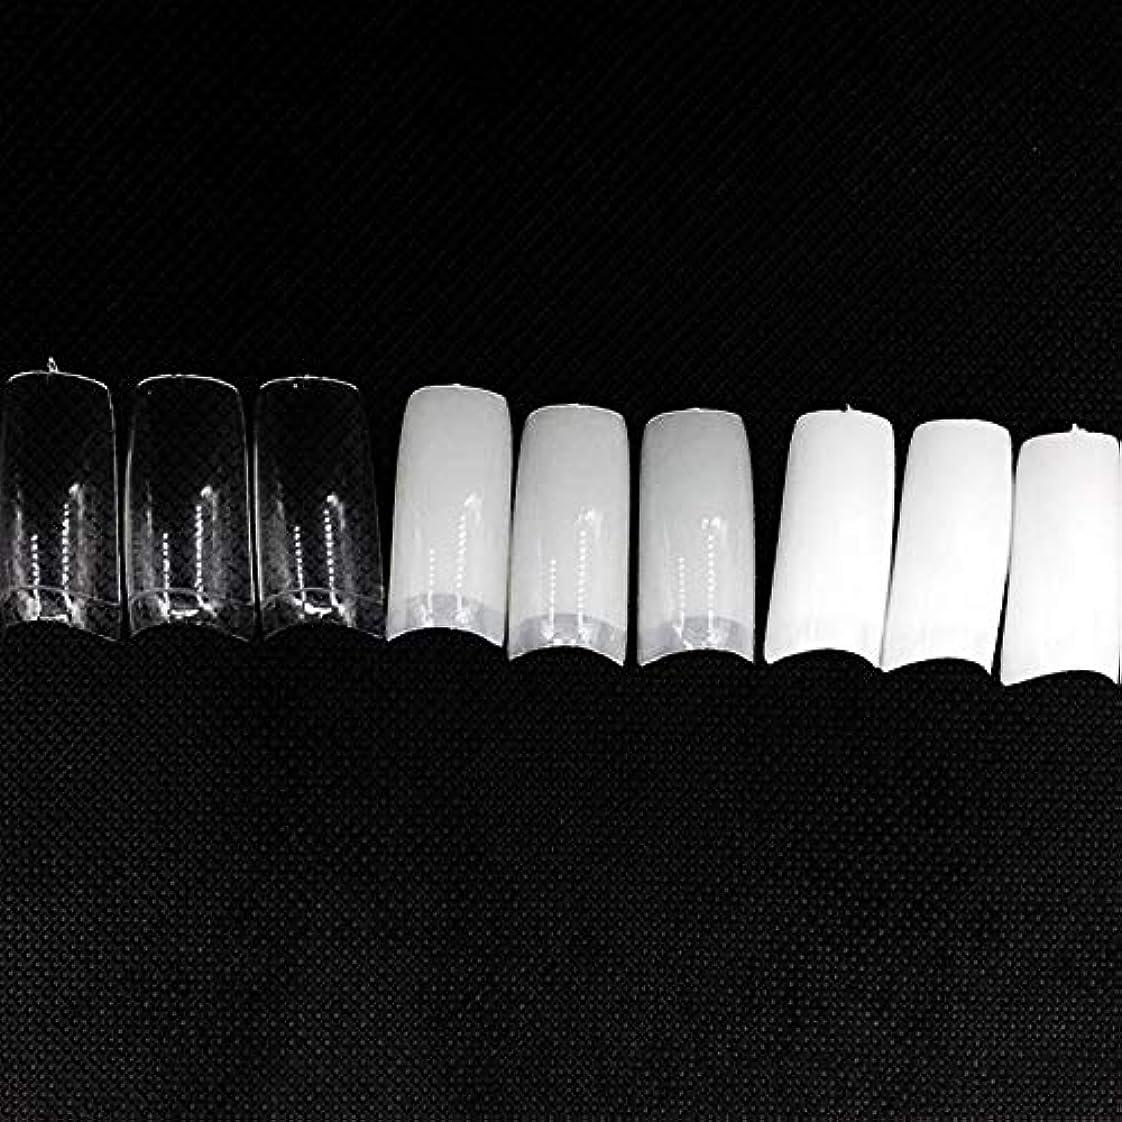 上昇群衆雷雨ネイルチップ つけ爪 偽爪 無地 ロング オーバル 10サイズ デコレーション フルチップ シンプル DIY デザイン 500個/セット Moomai